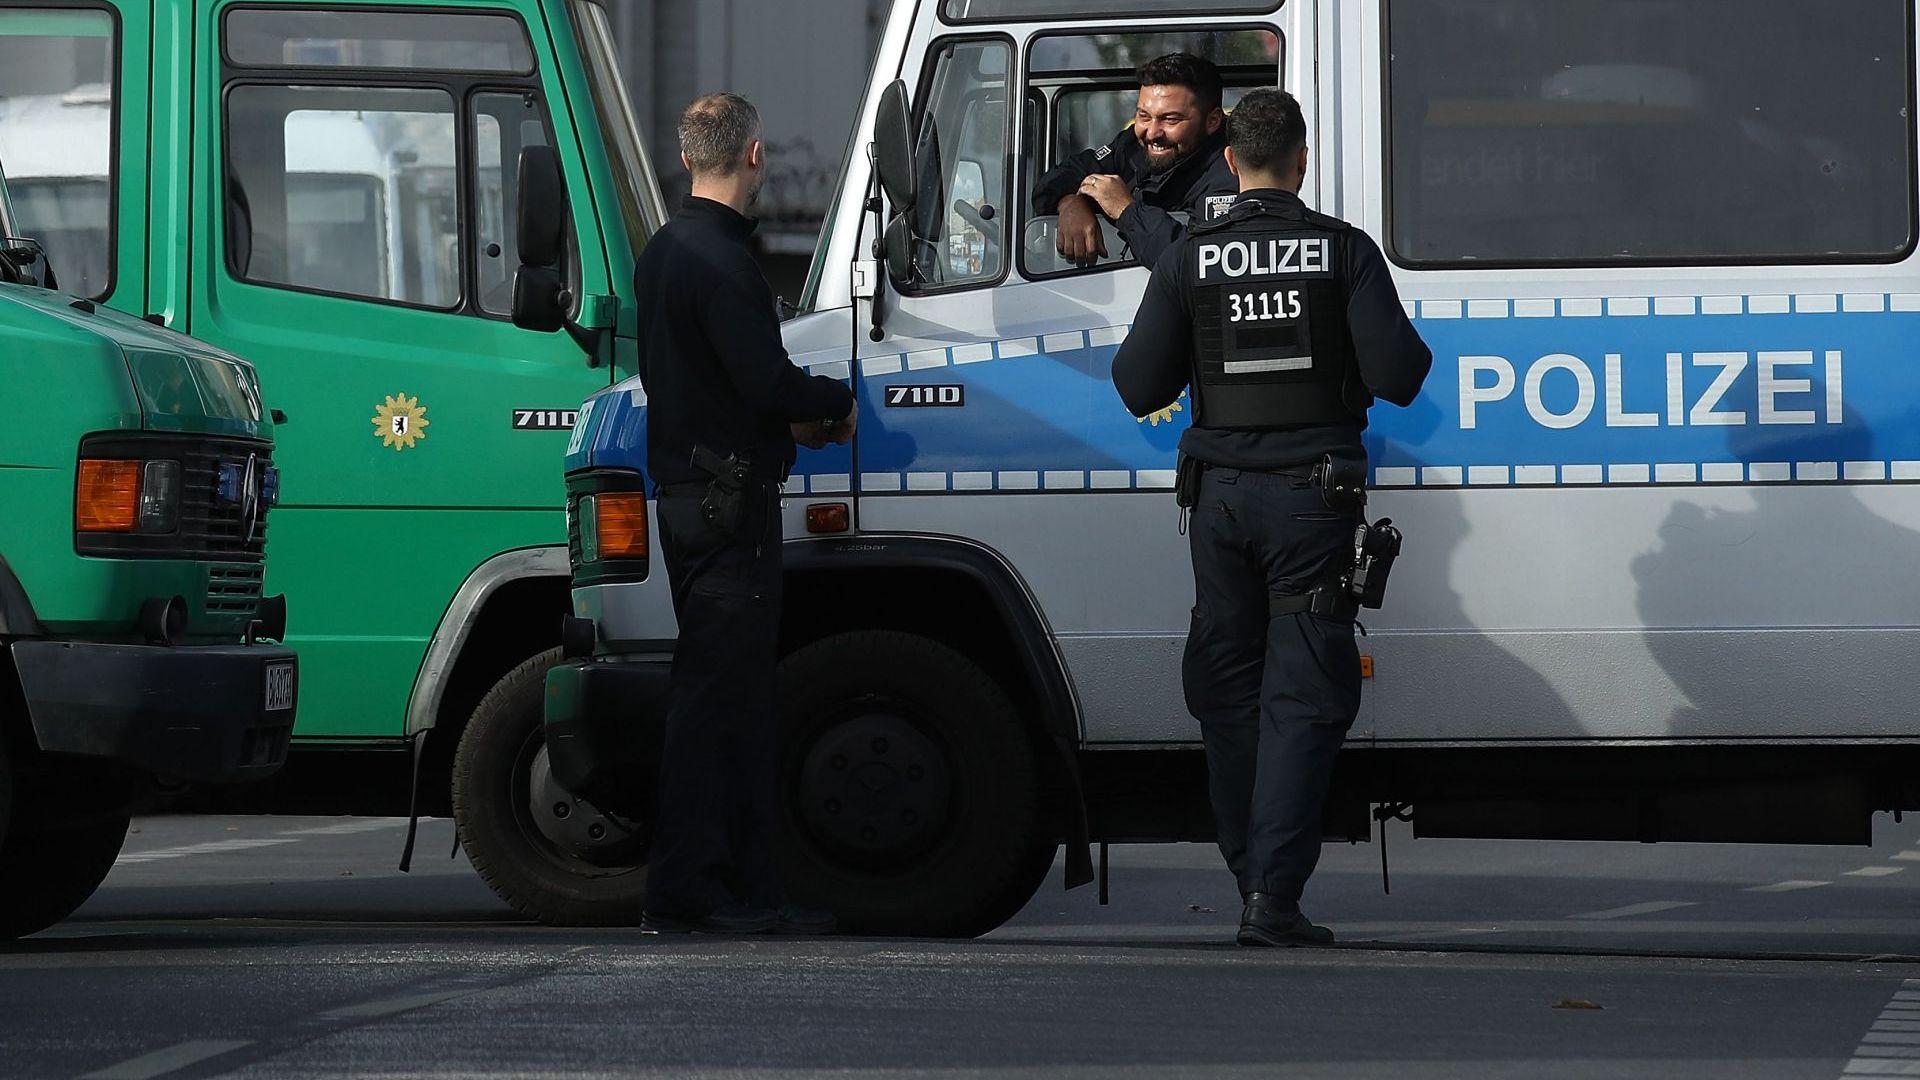 Турчин простреля във Франкфурт бившата си - млада българка